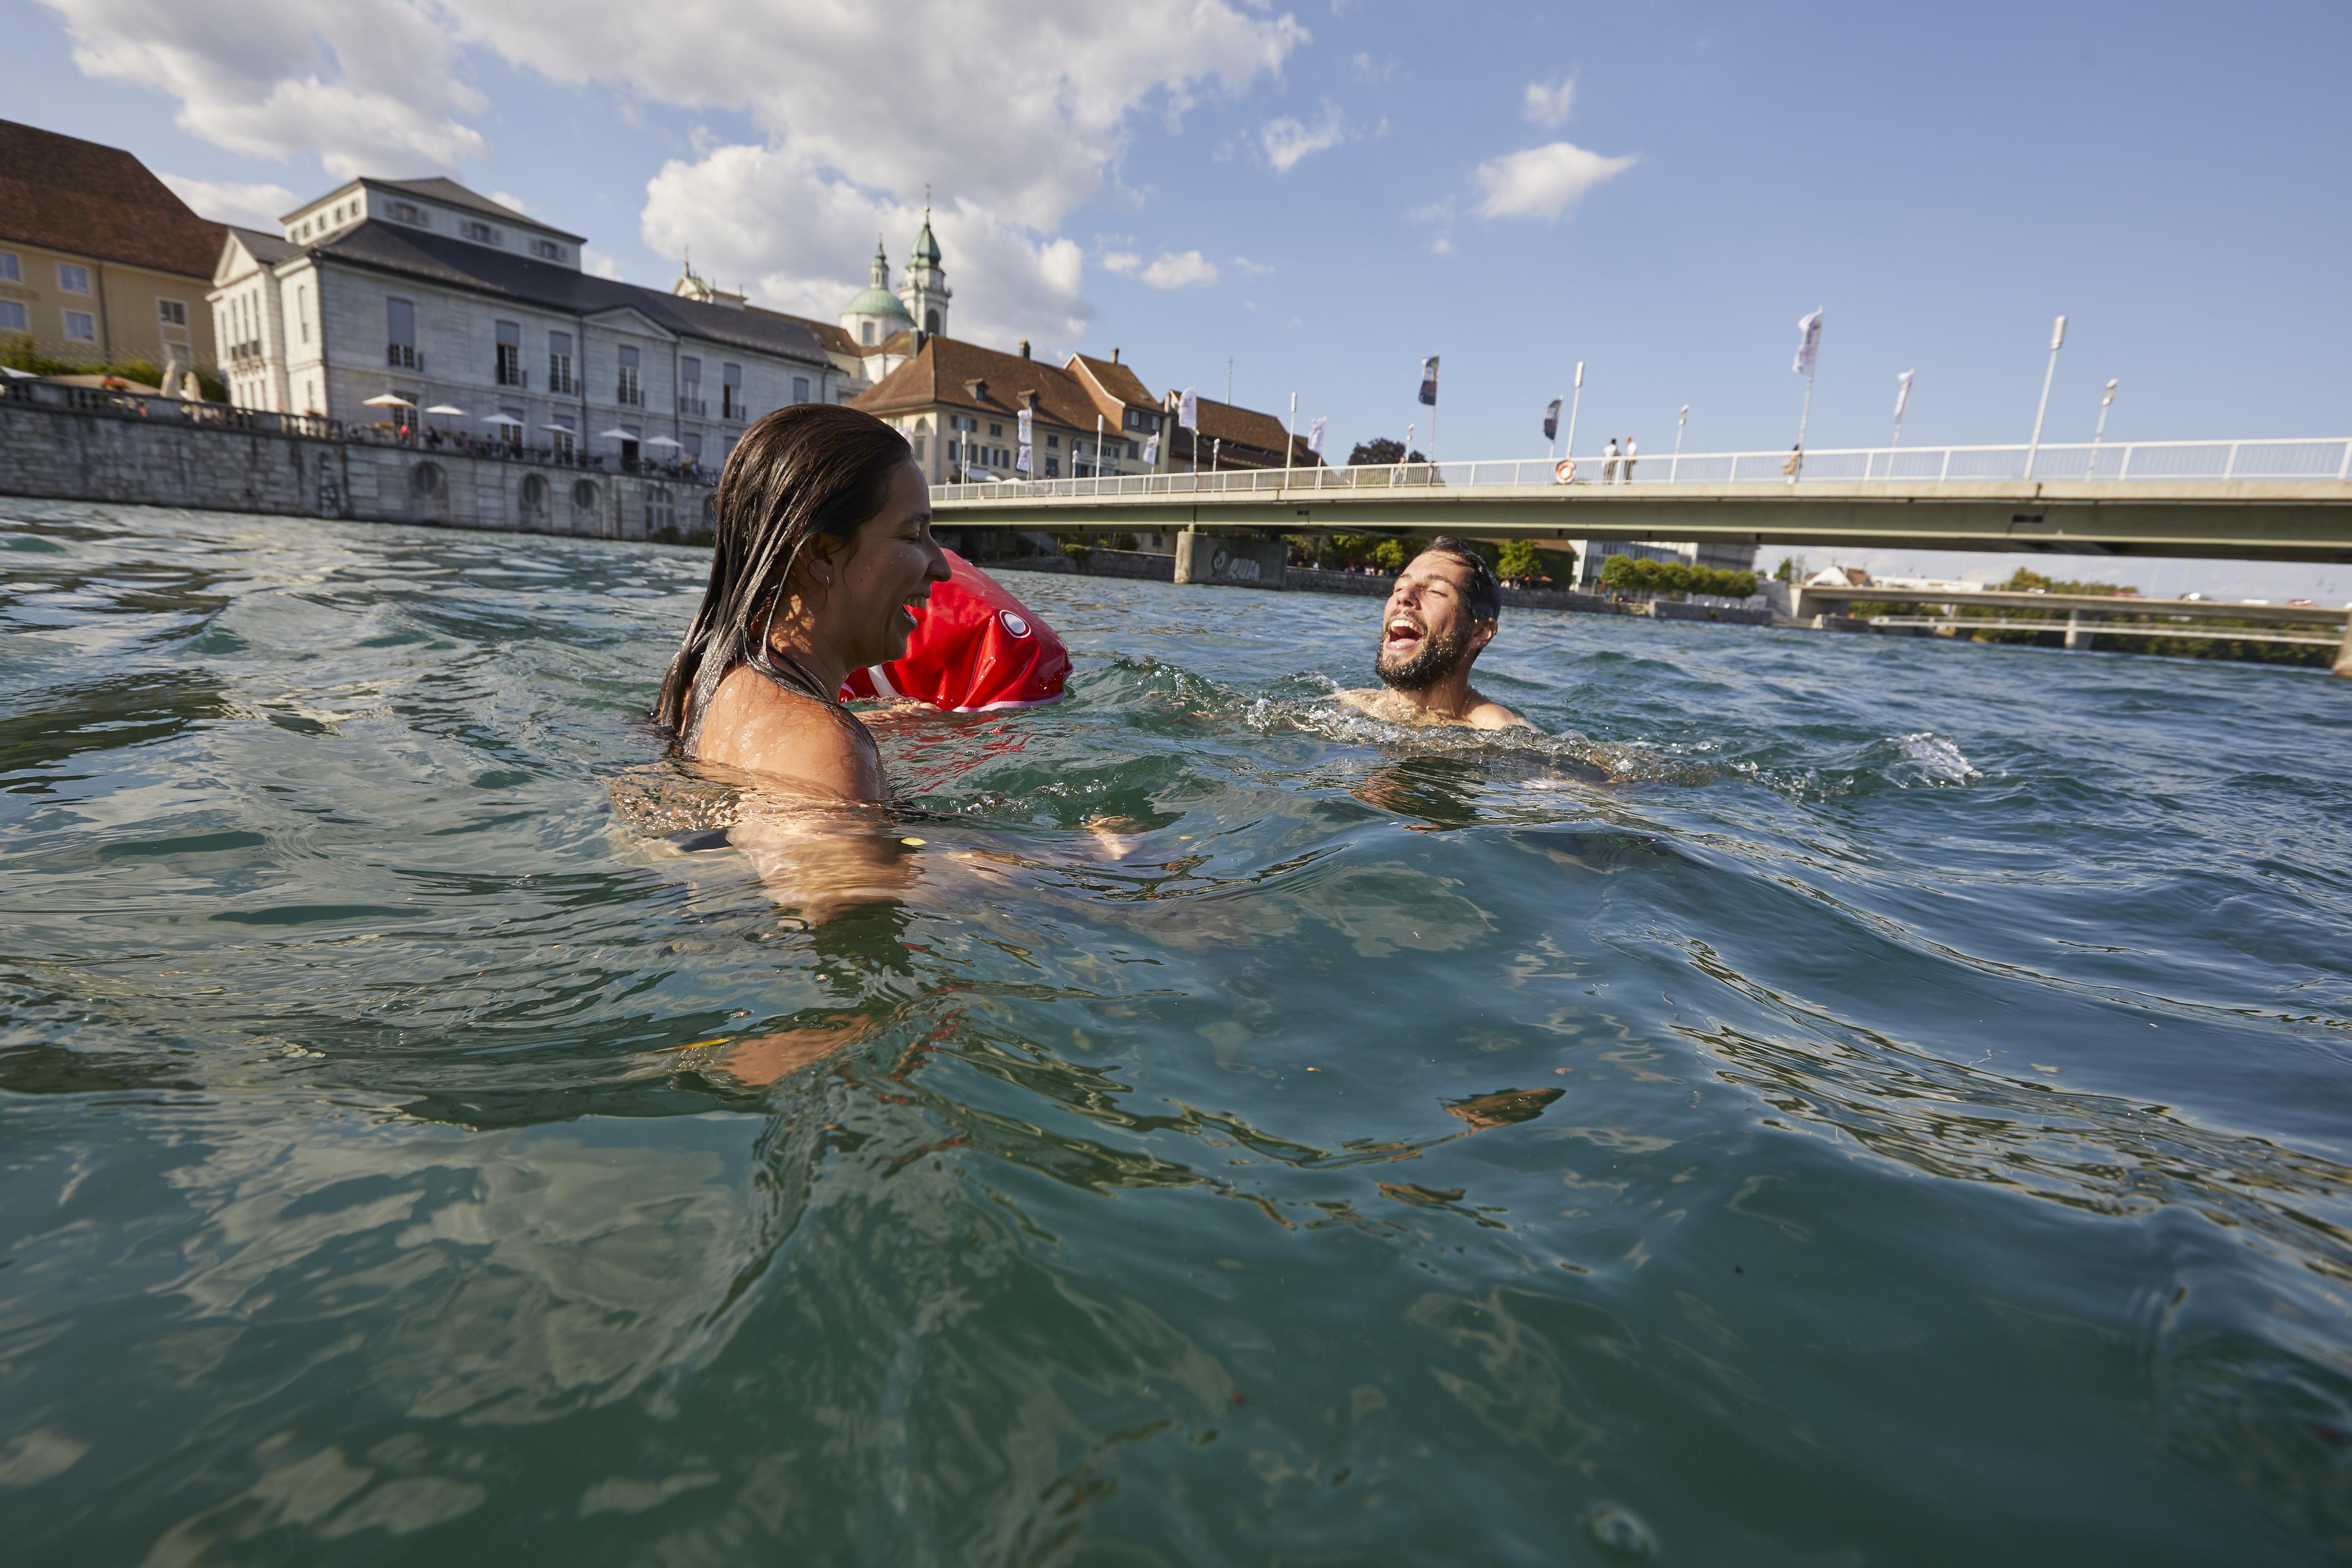 Ville de Soleure - baignade dans l'Aaar